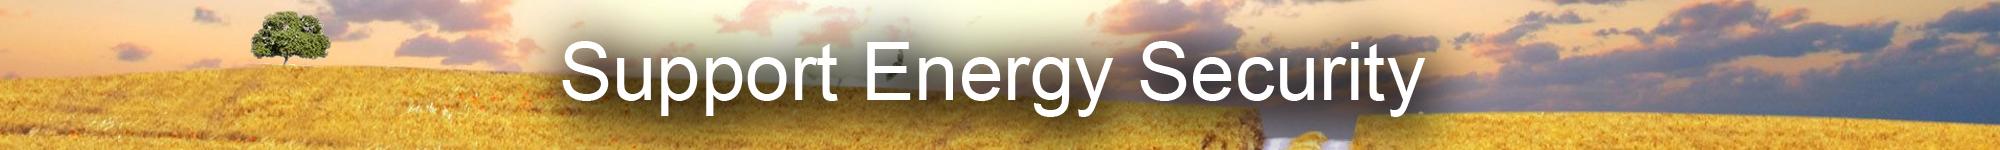 energySecurity.jpg